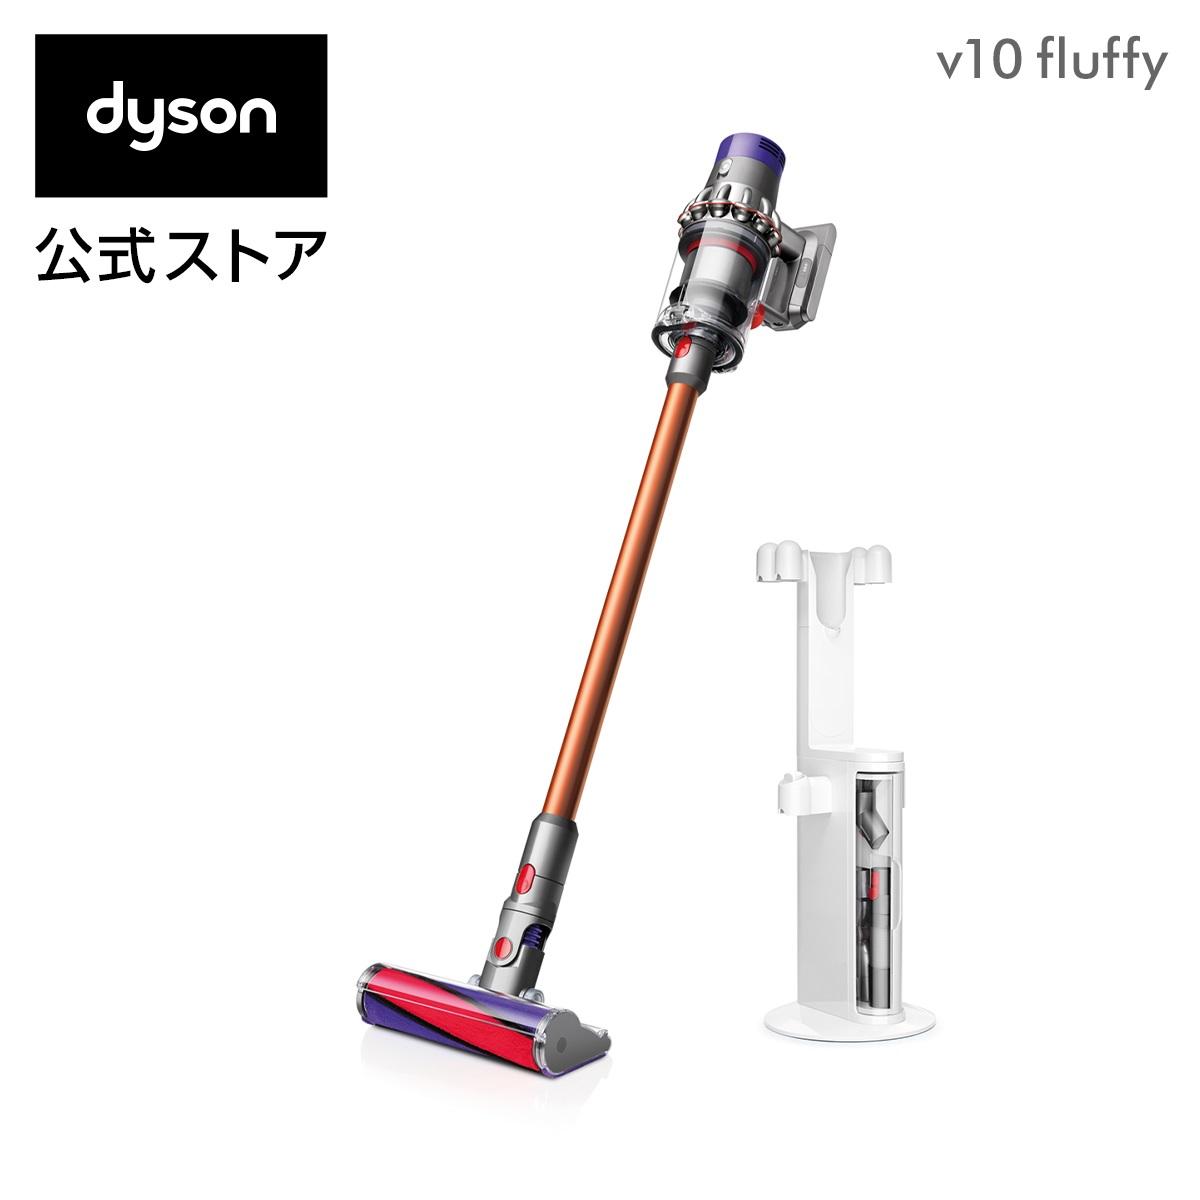 【直販限定フロアドック付きセット】ダイソン Dyson Cyclone V10 Fluffy サイクロン式 コードレス掃除機 dyson SV12FF 2018年モデル